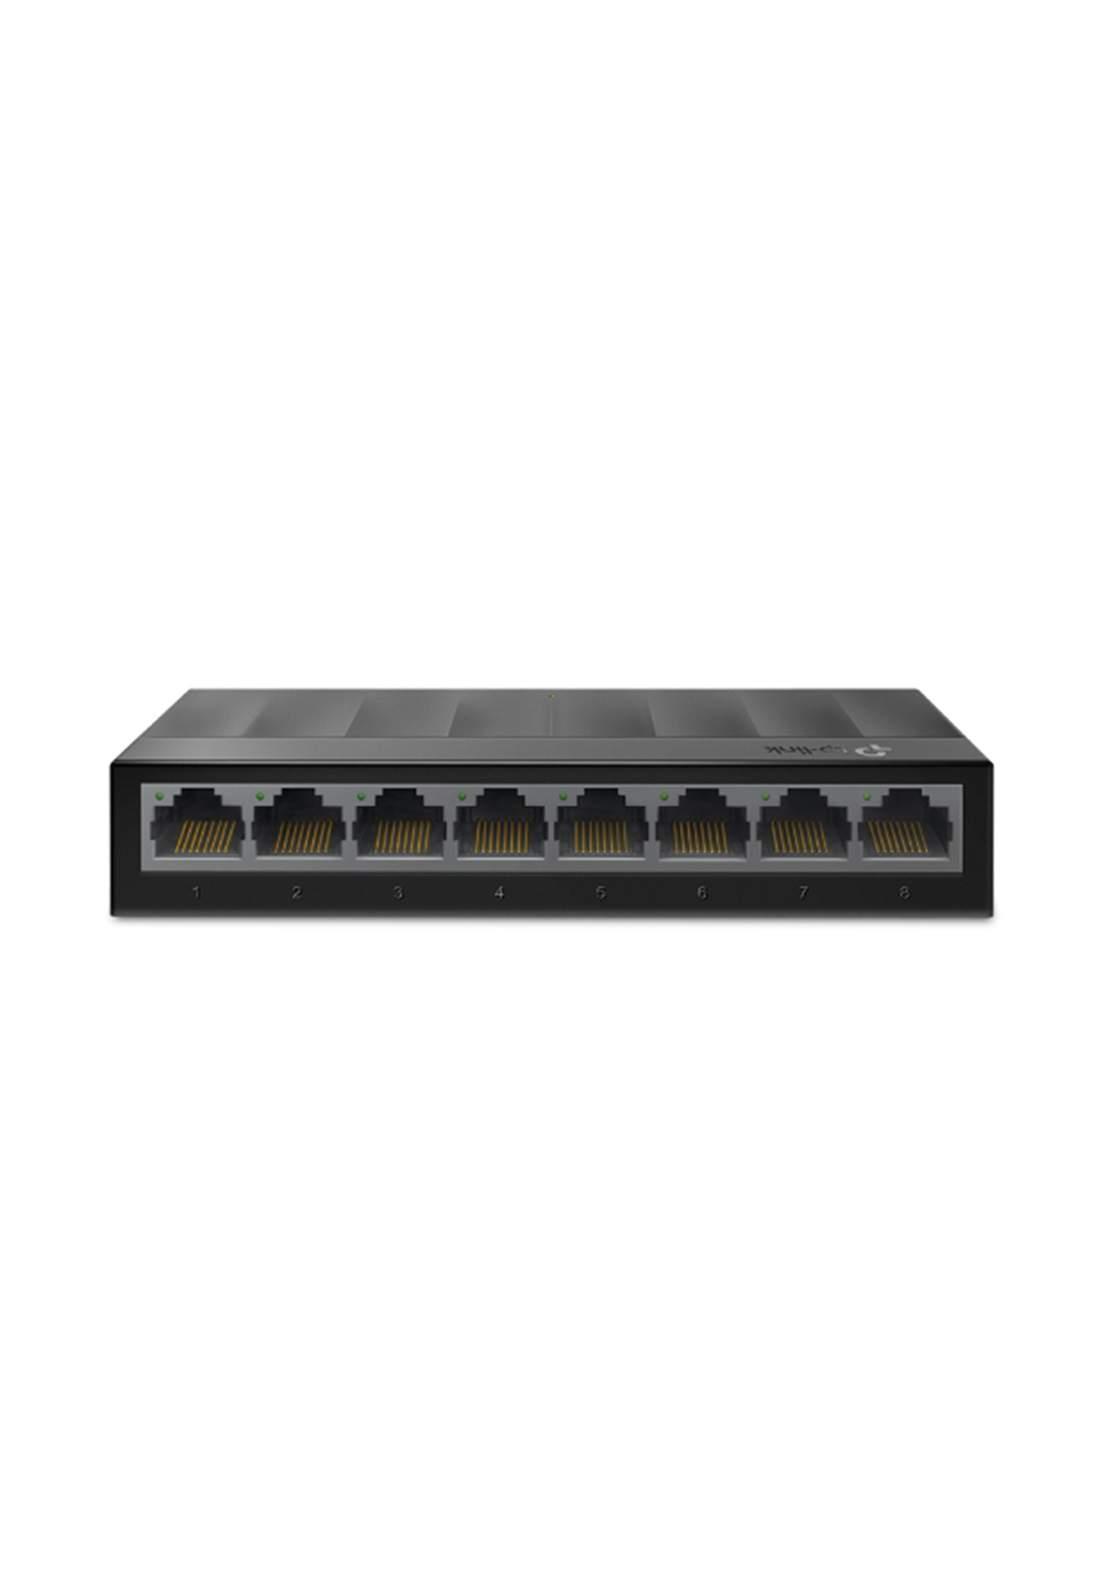 Tp-Link  LS1008G 8-Port 10/100/1000Mbps Desktop Switch - Black